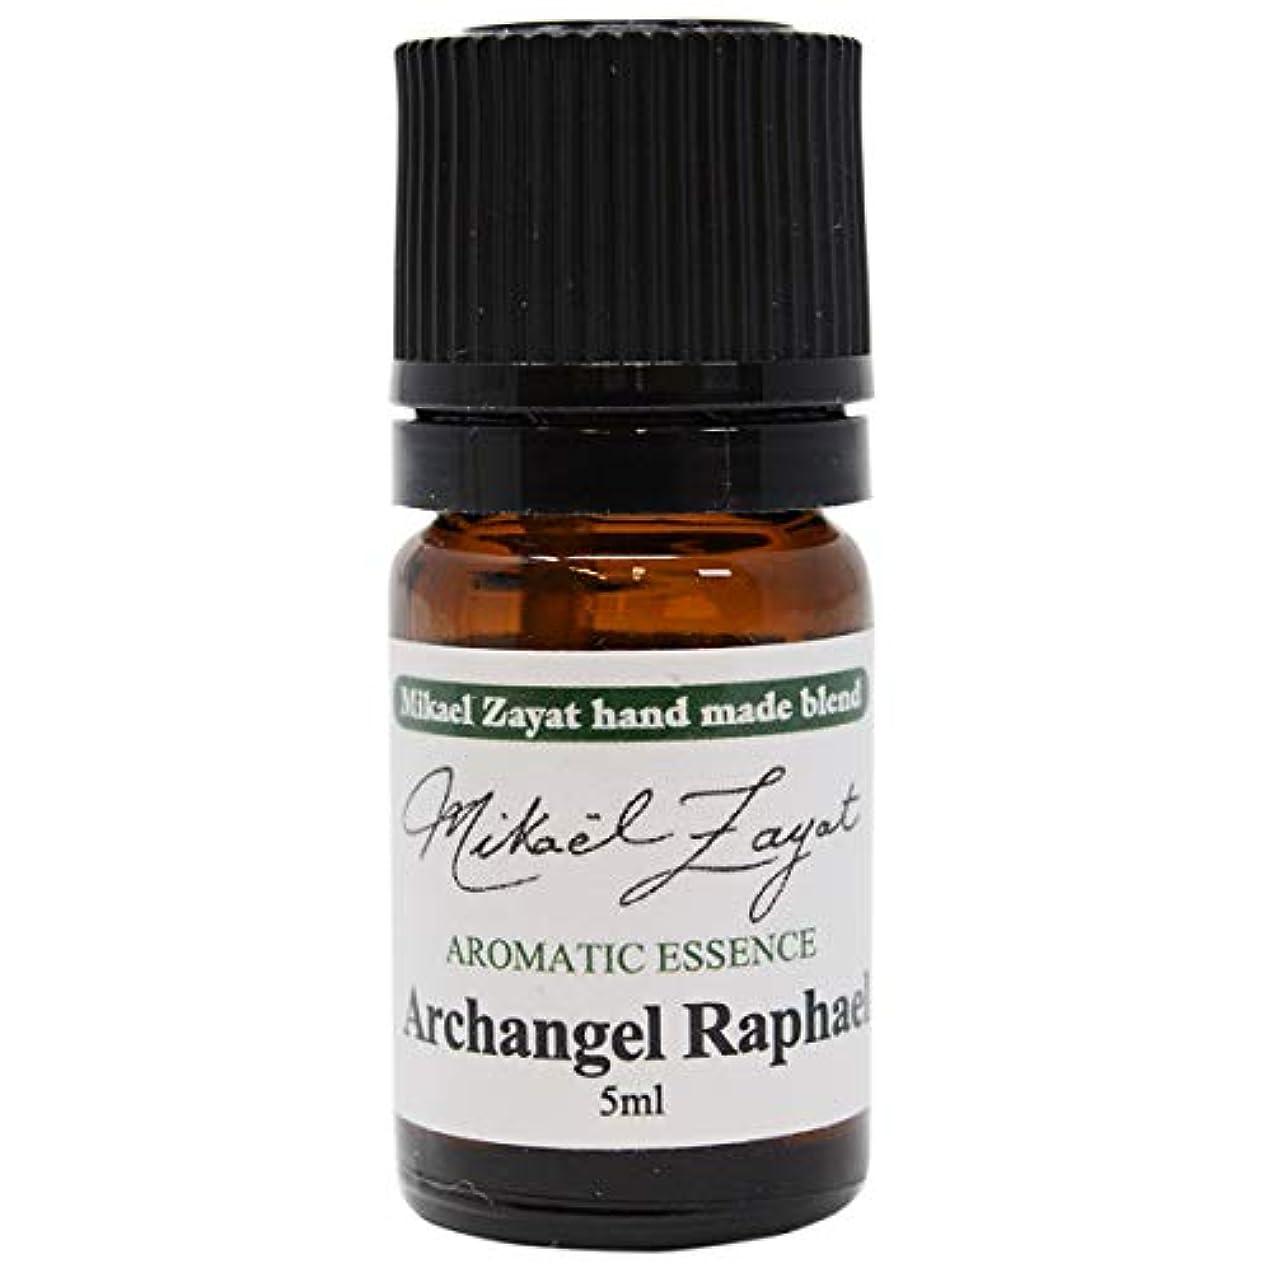 シエスタピーク本能ミカエルザヤット 大天使ラファエル ArchAngel Raphael 5ml Mikael Zayat hand made blend